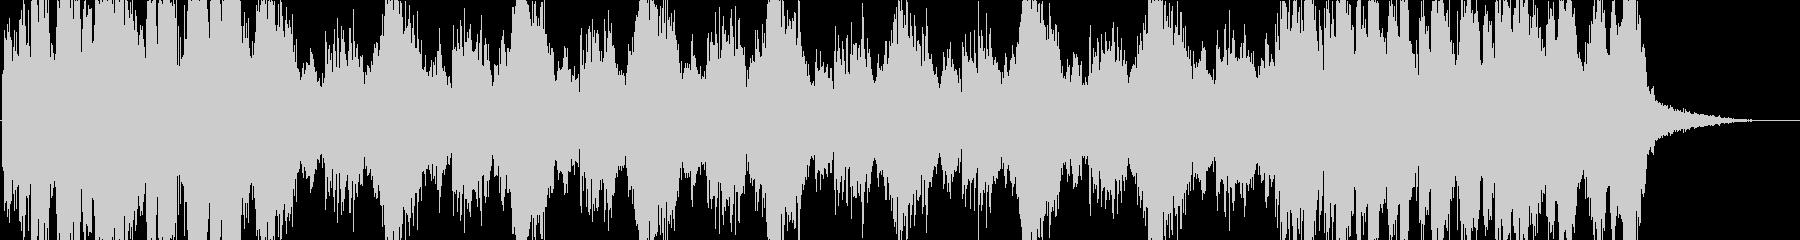 「○○チャレンジ」などのバトル系サウンドの未再生の波形